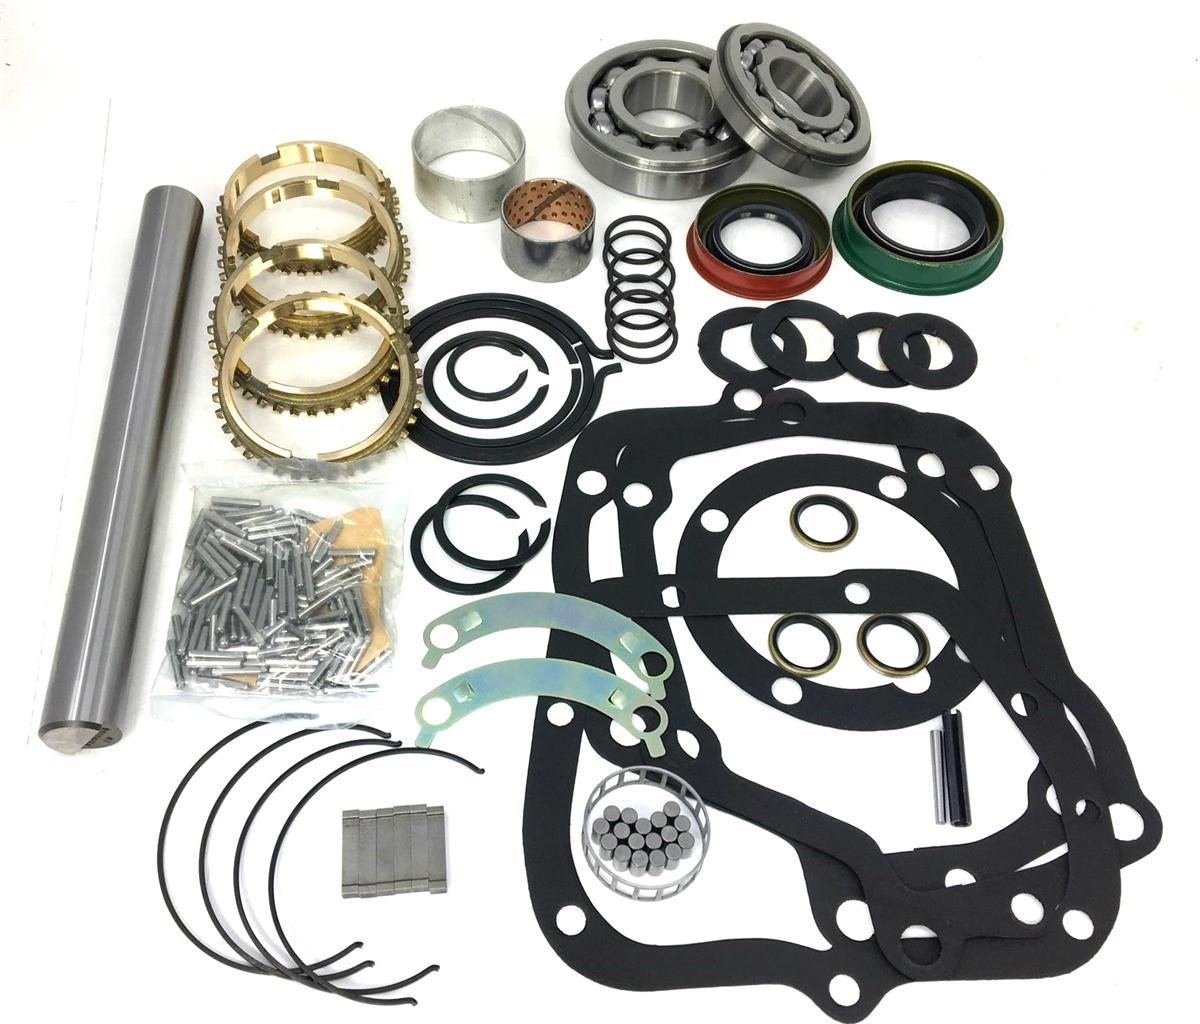 Muncie M20 M21 M22 Transmission Bushing Seal /& Gasket Kit 27 Spline